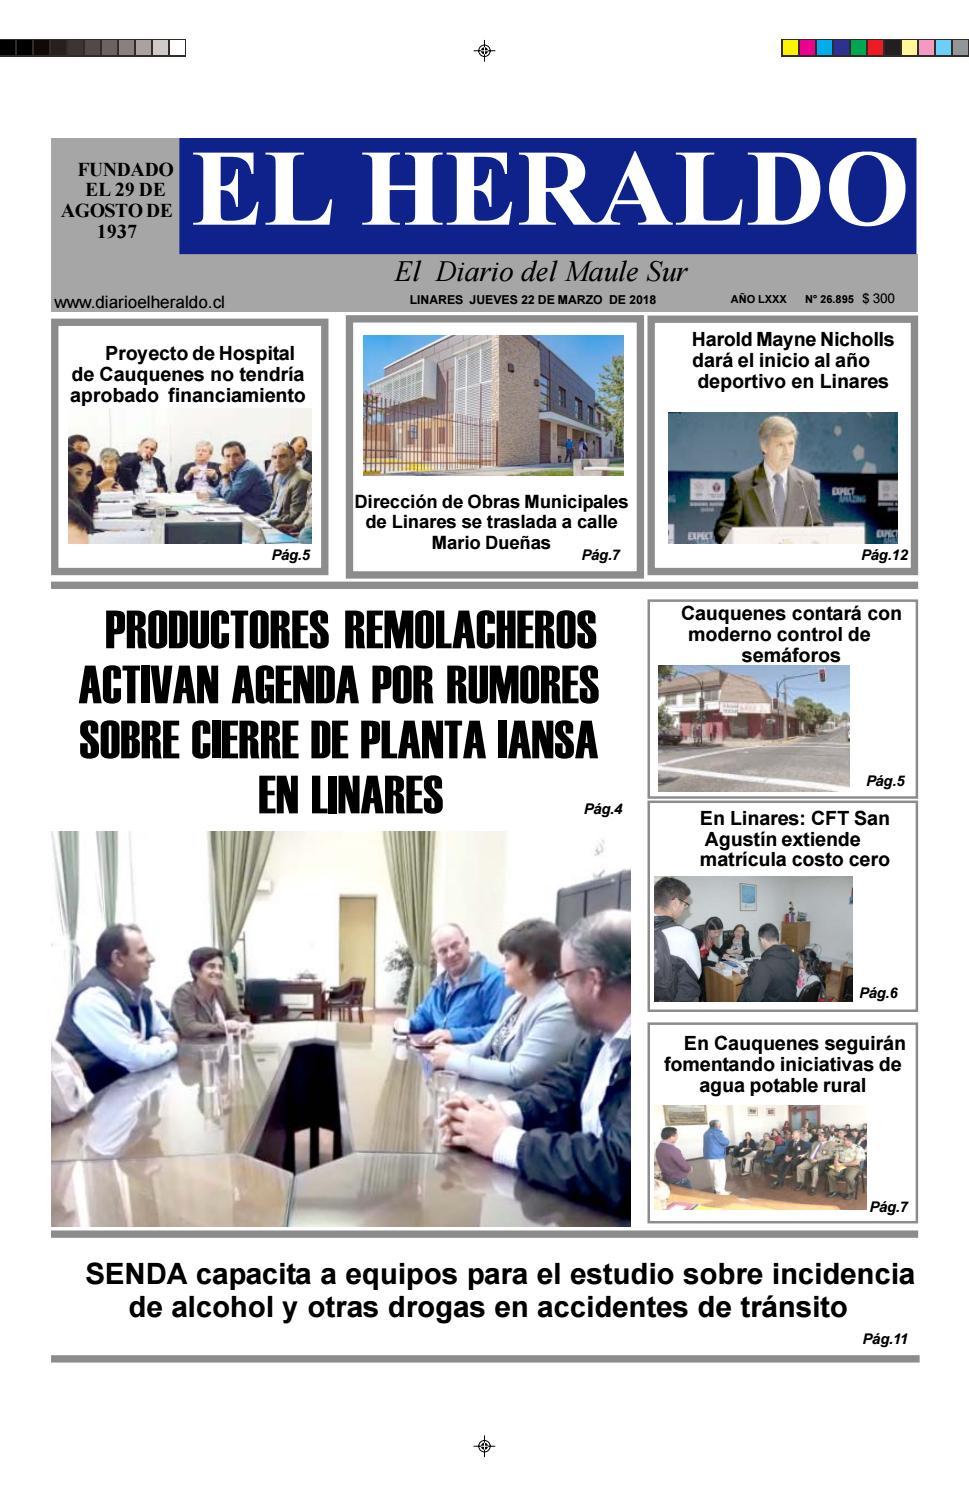 Jueves 22 de marzo 2018 by diario heraldo de linares - issuu